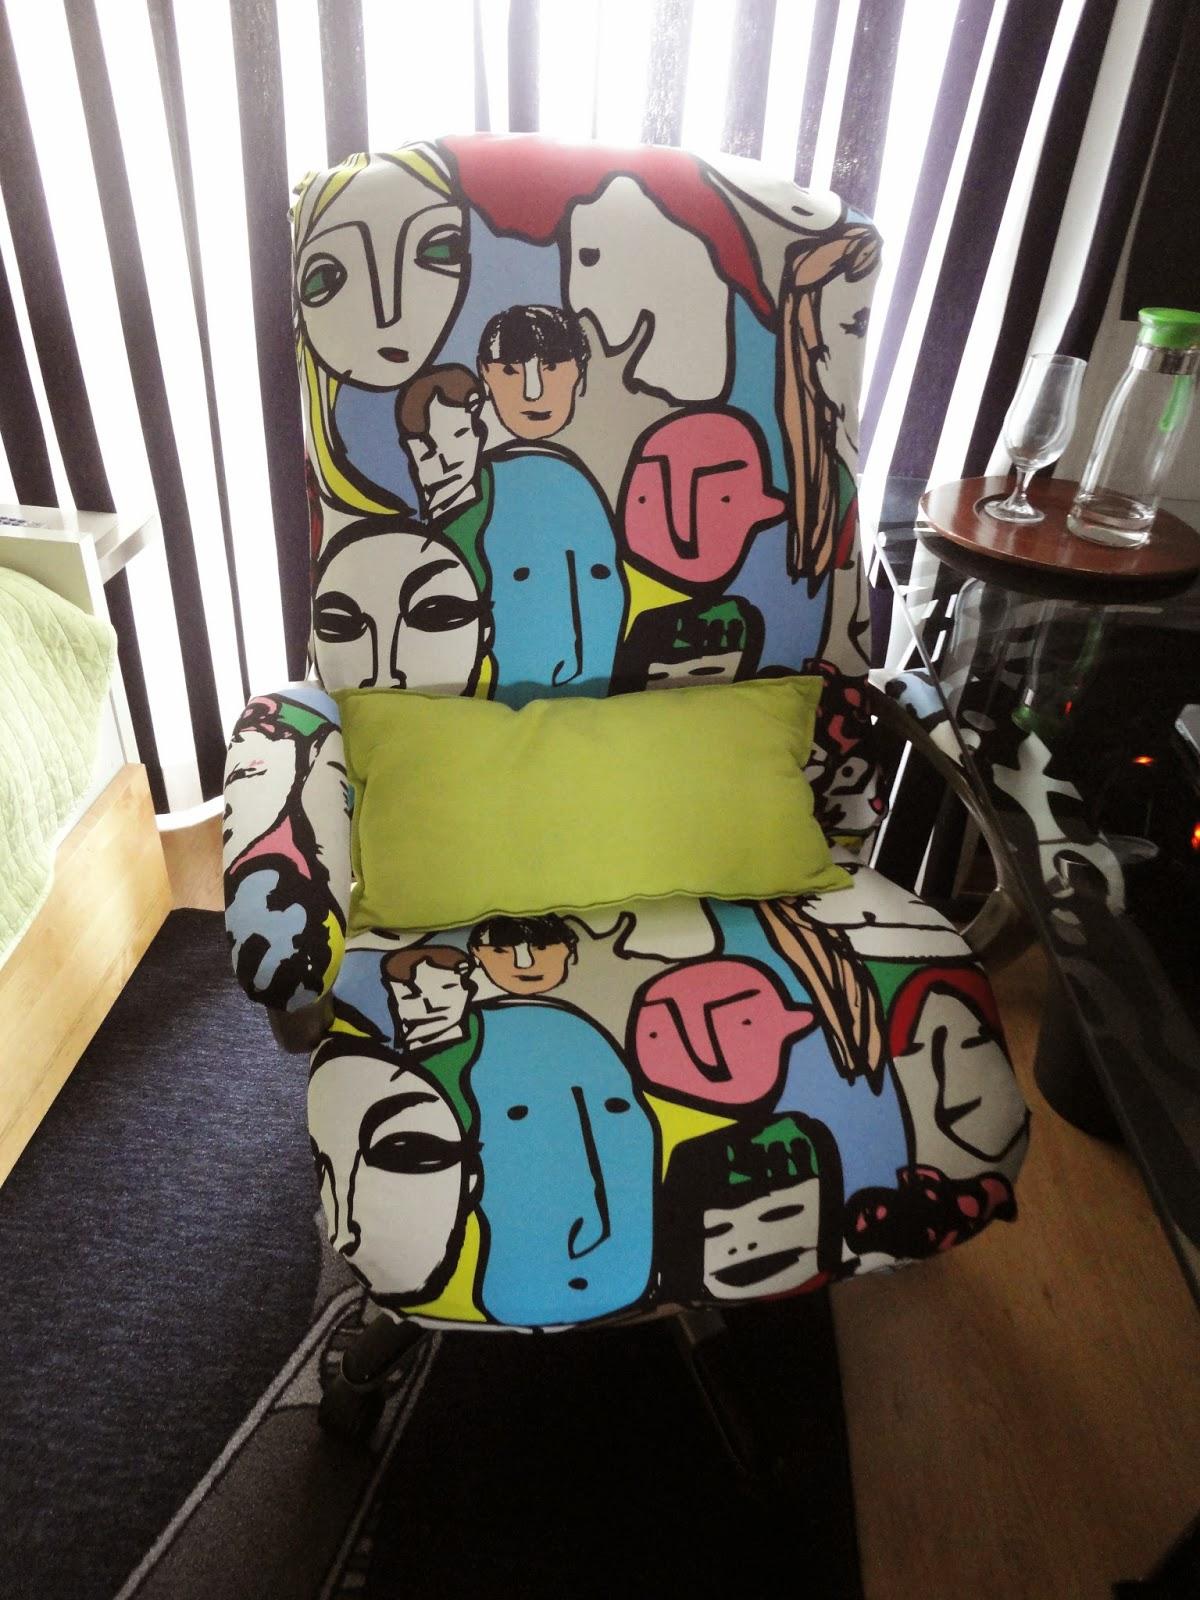 Forrar uma cadeira escritorio